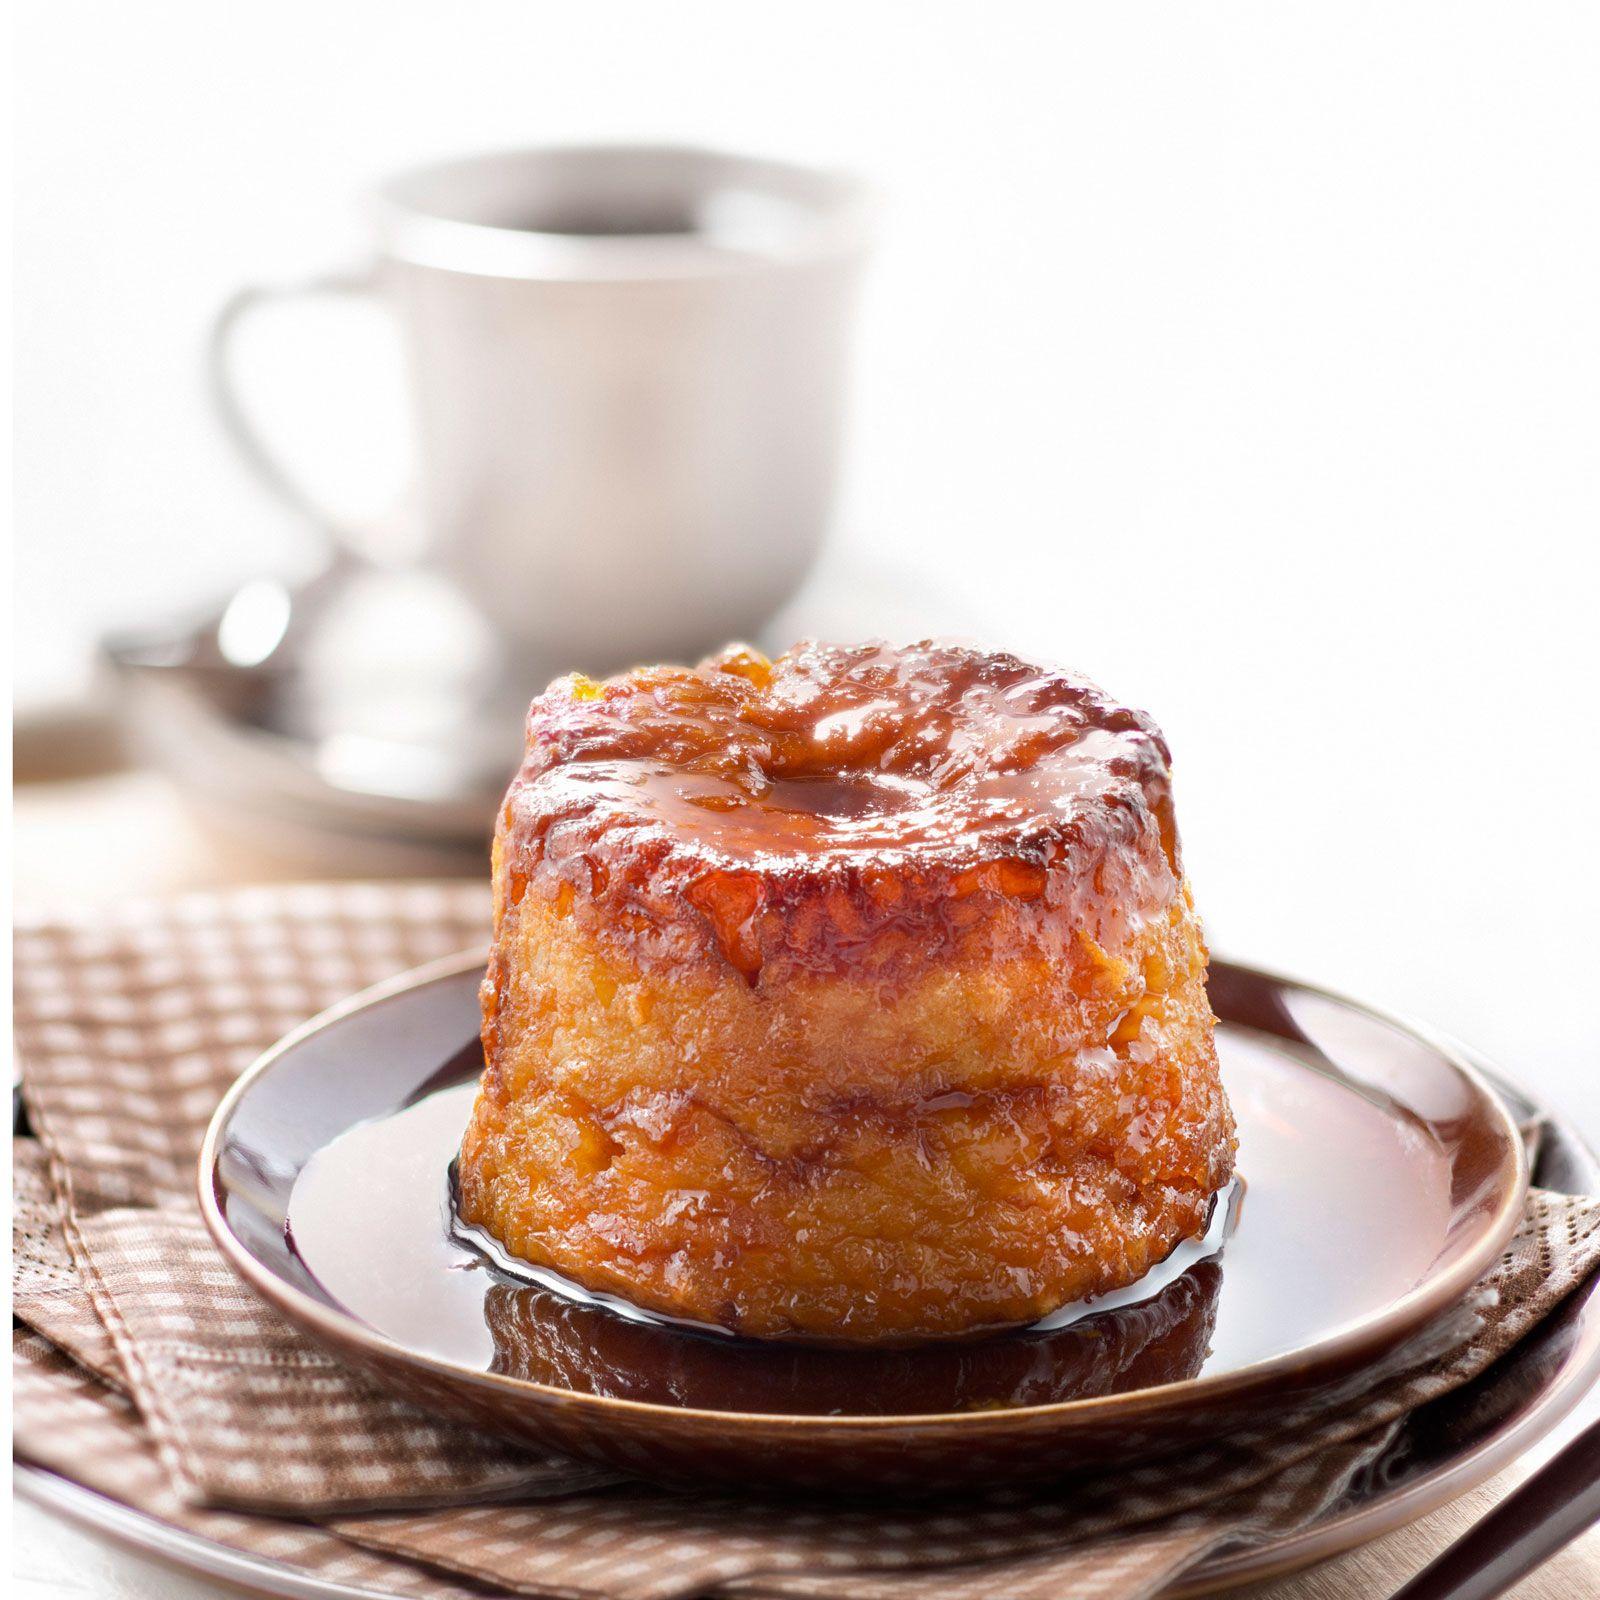 recette gateau semoule caramel facile les recettes populaires blogue le blog des g teaux. Black Bedroom Furniture Sets. Home Design Ideas